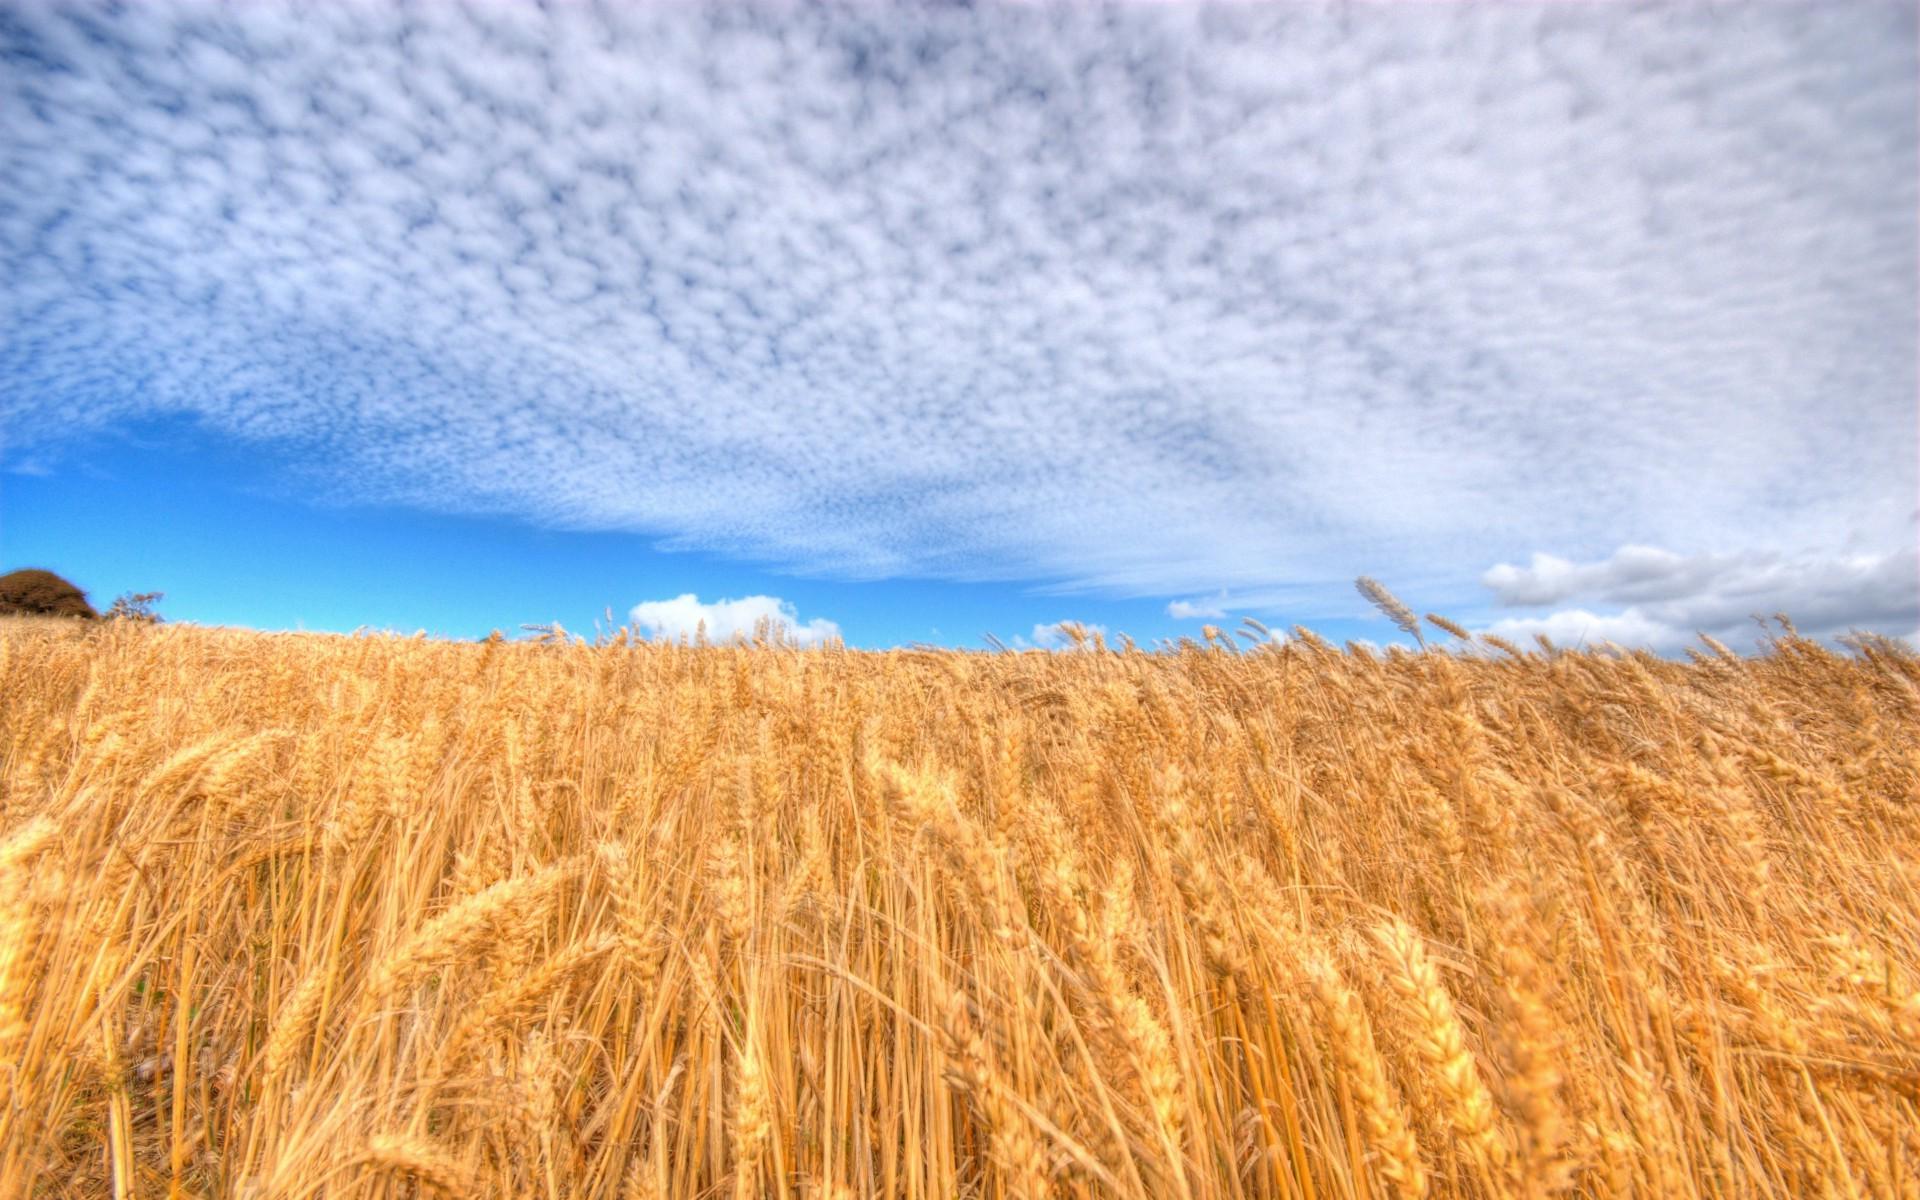 Картинки с пшеницей и рожью, поздравление февраля